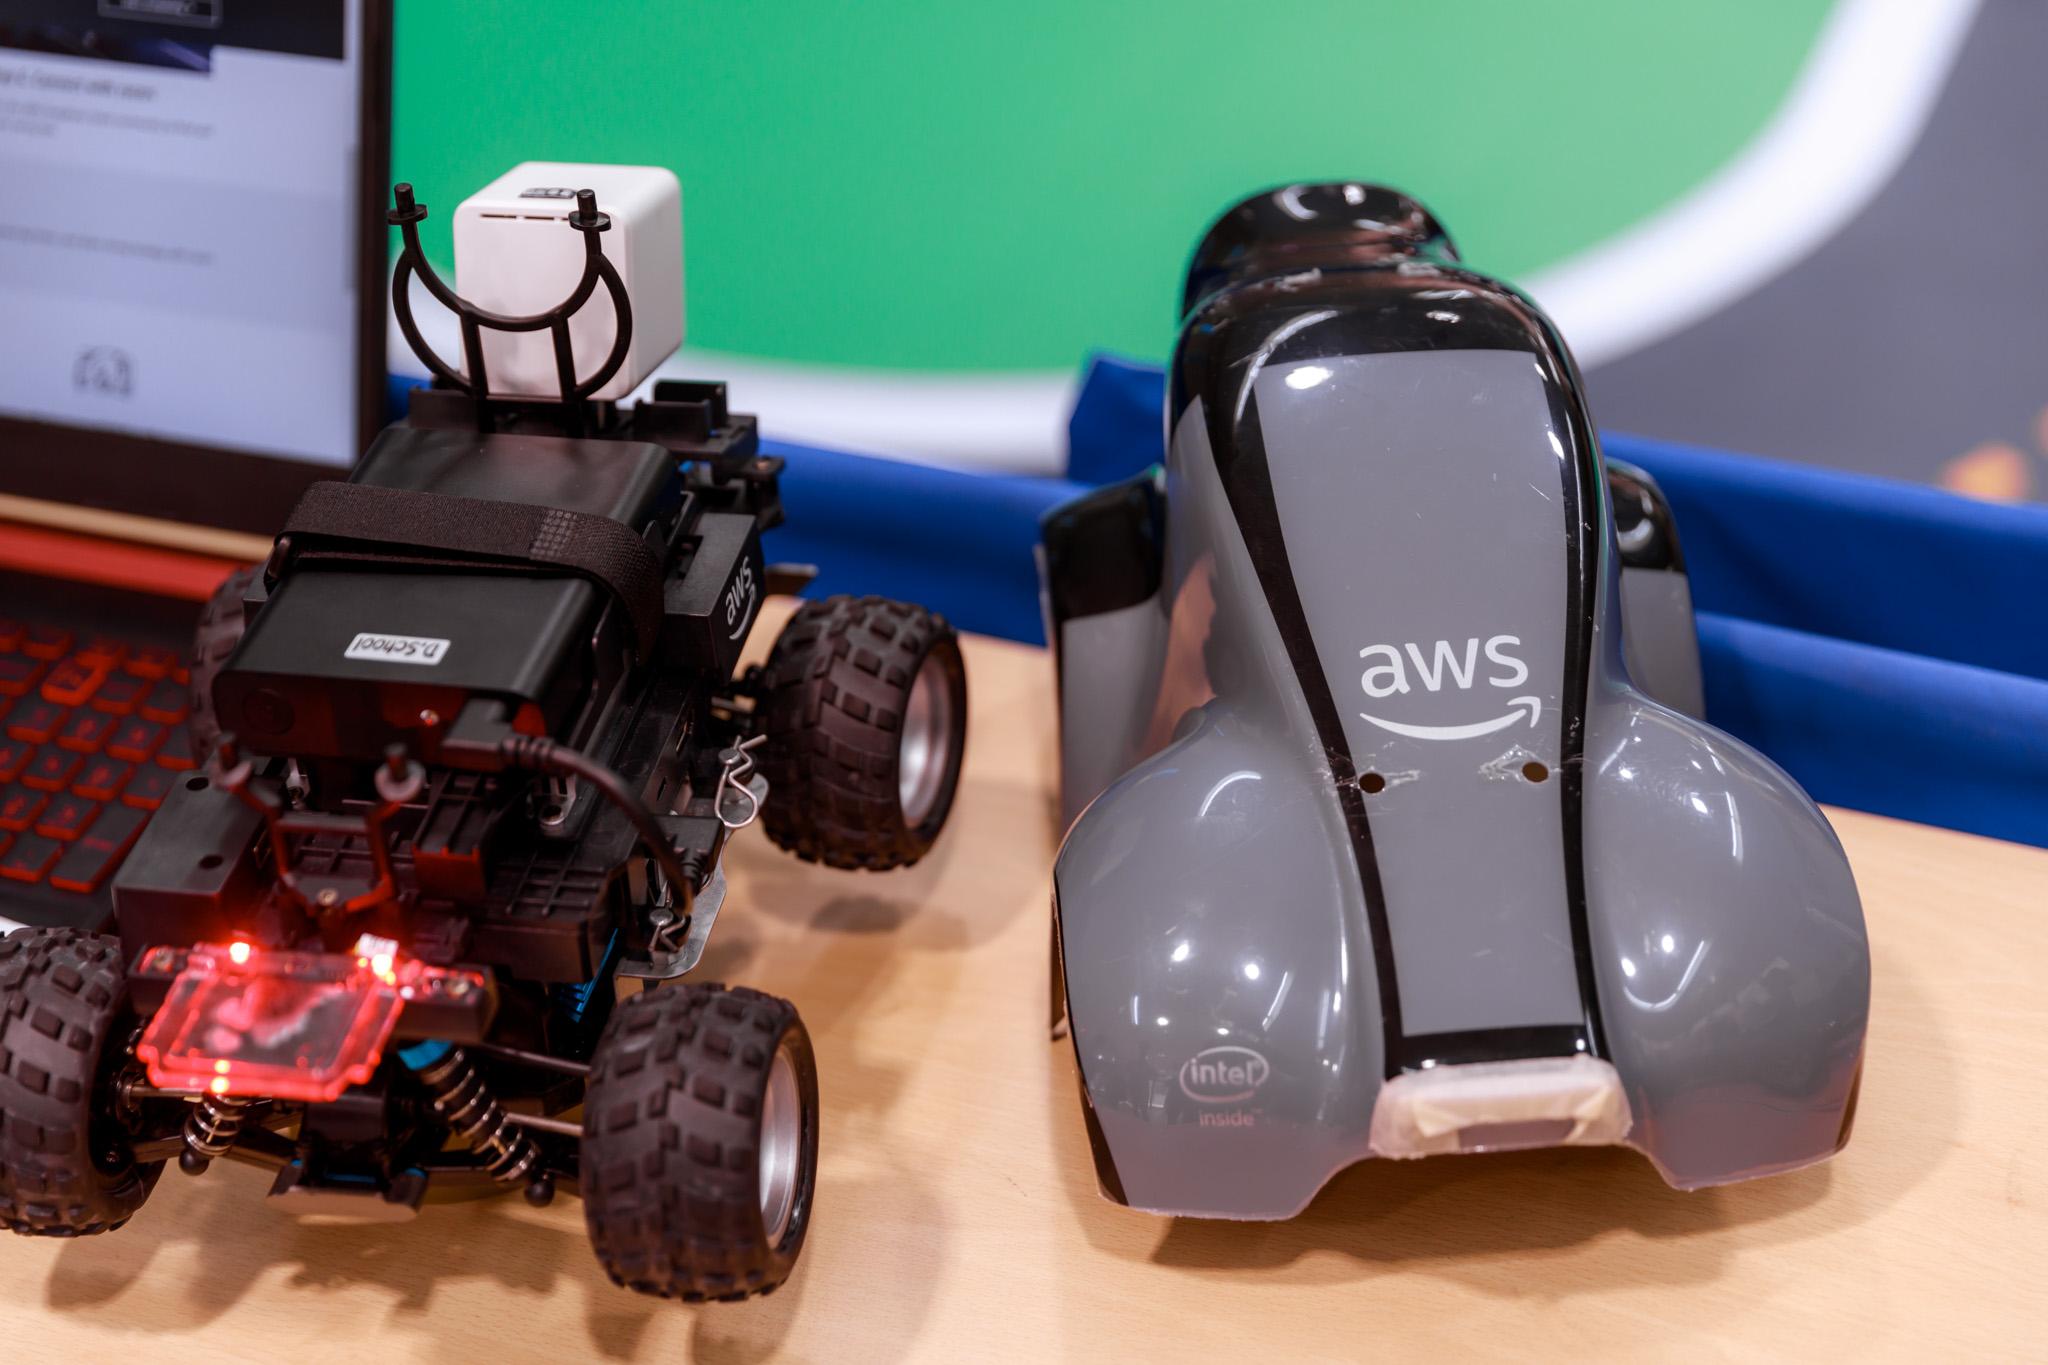 引進AWS DeepRacer,利用Game 型態改變過去以Programming為主的教學方式,讓同學們愉悅地進入AI世界